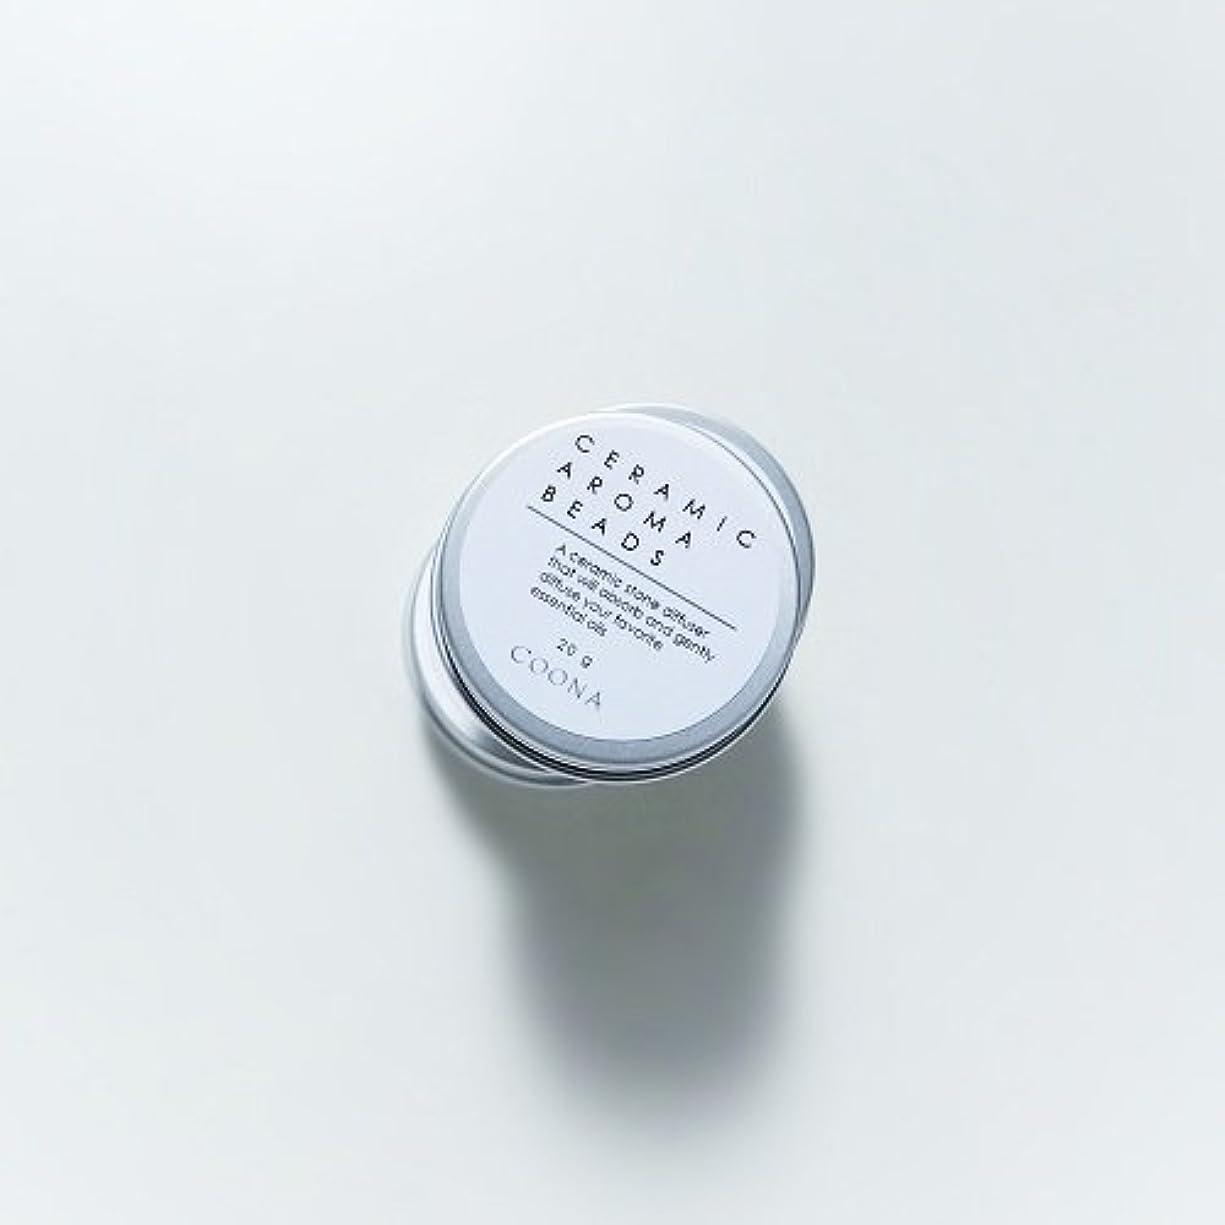 クリーナーキロメートル助けになるセラミックアロマビーズ(缶入り アロマストーン エコディフューザー)20g×1個